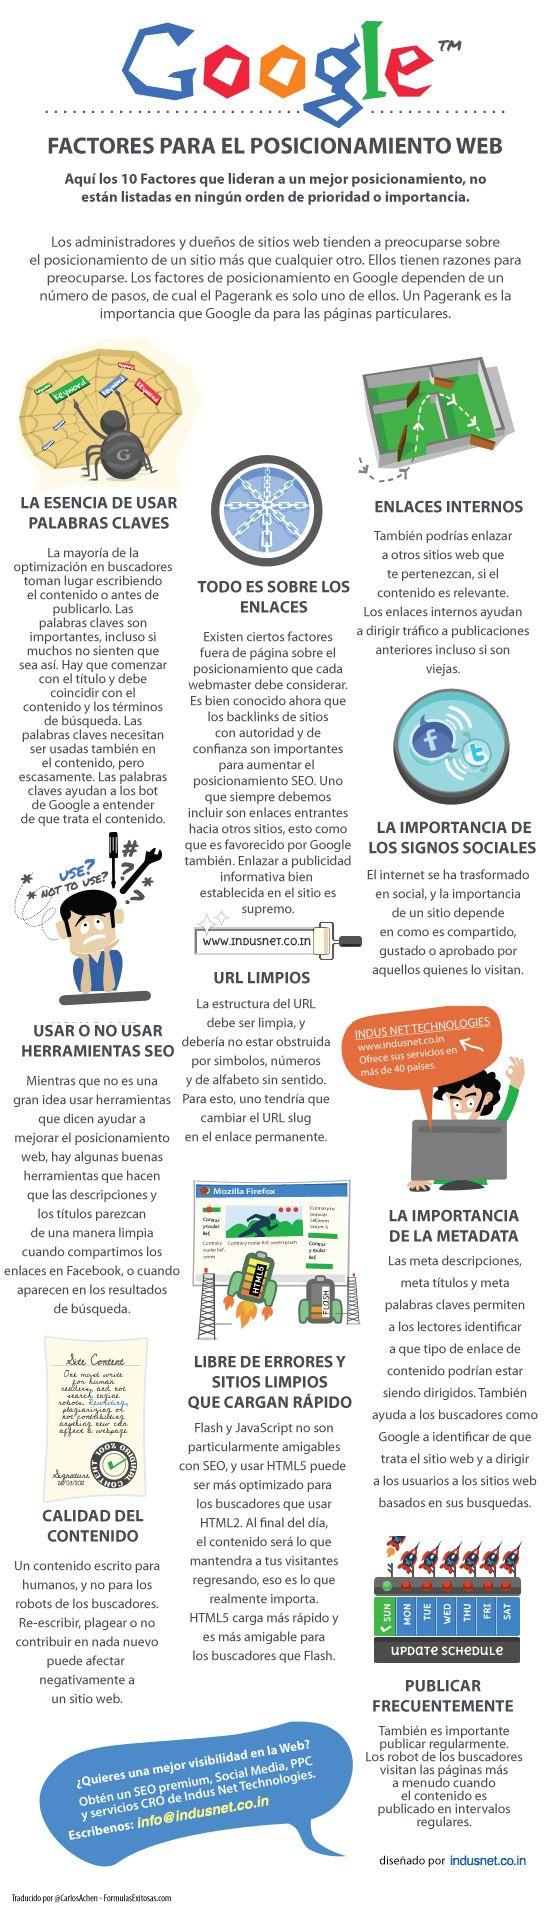 Los 10 factores que influyen en el posicionamiento web.